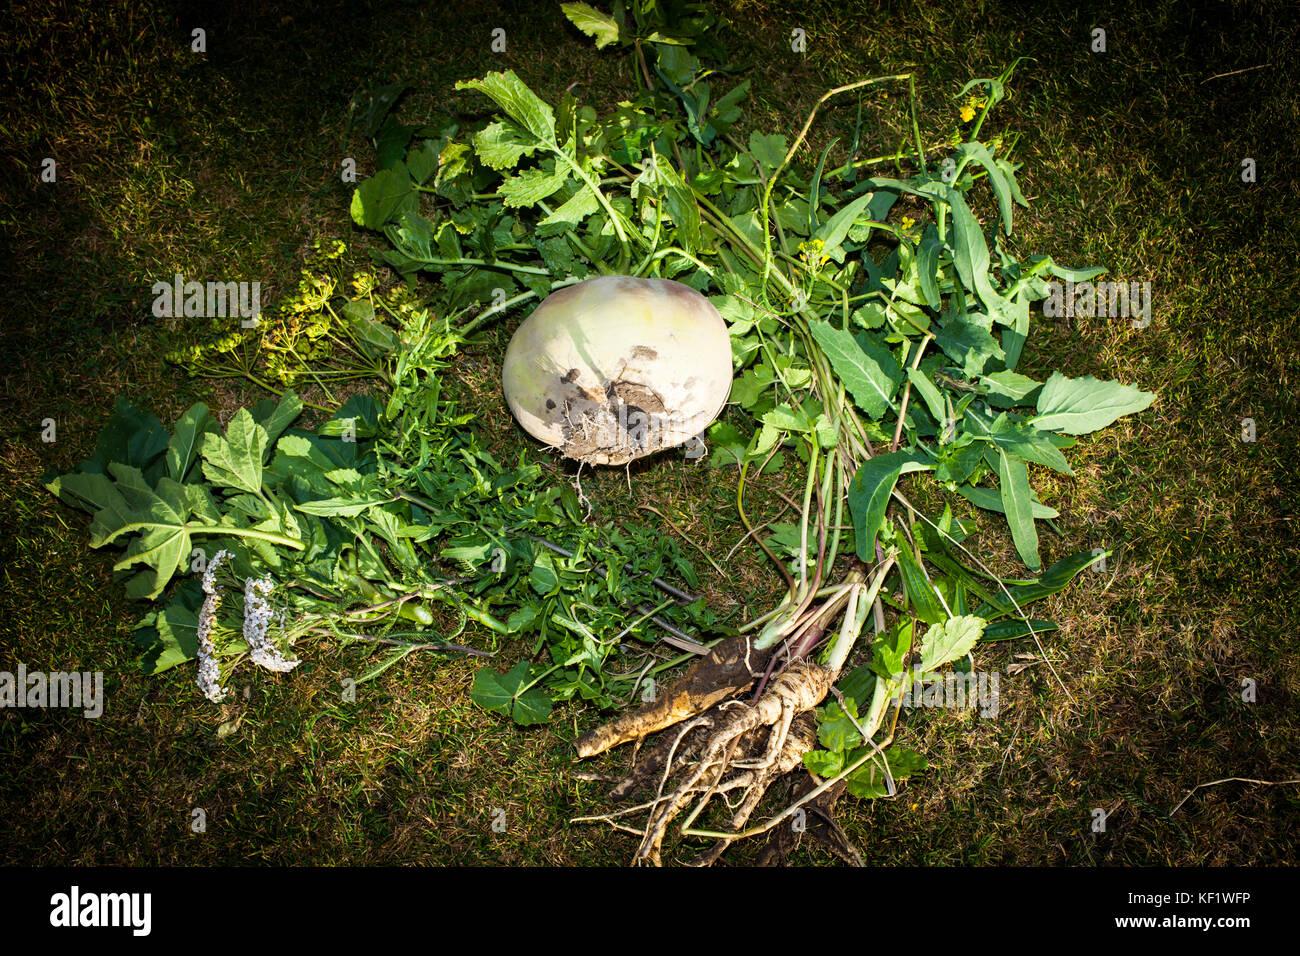 Nabo silvestre, recién forrajeado Imagen De Stock